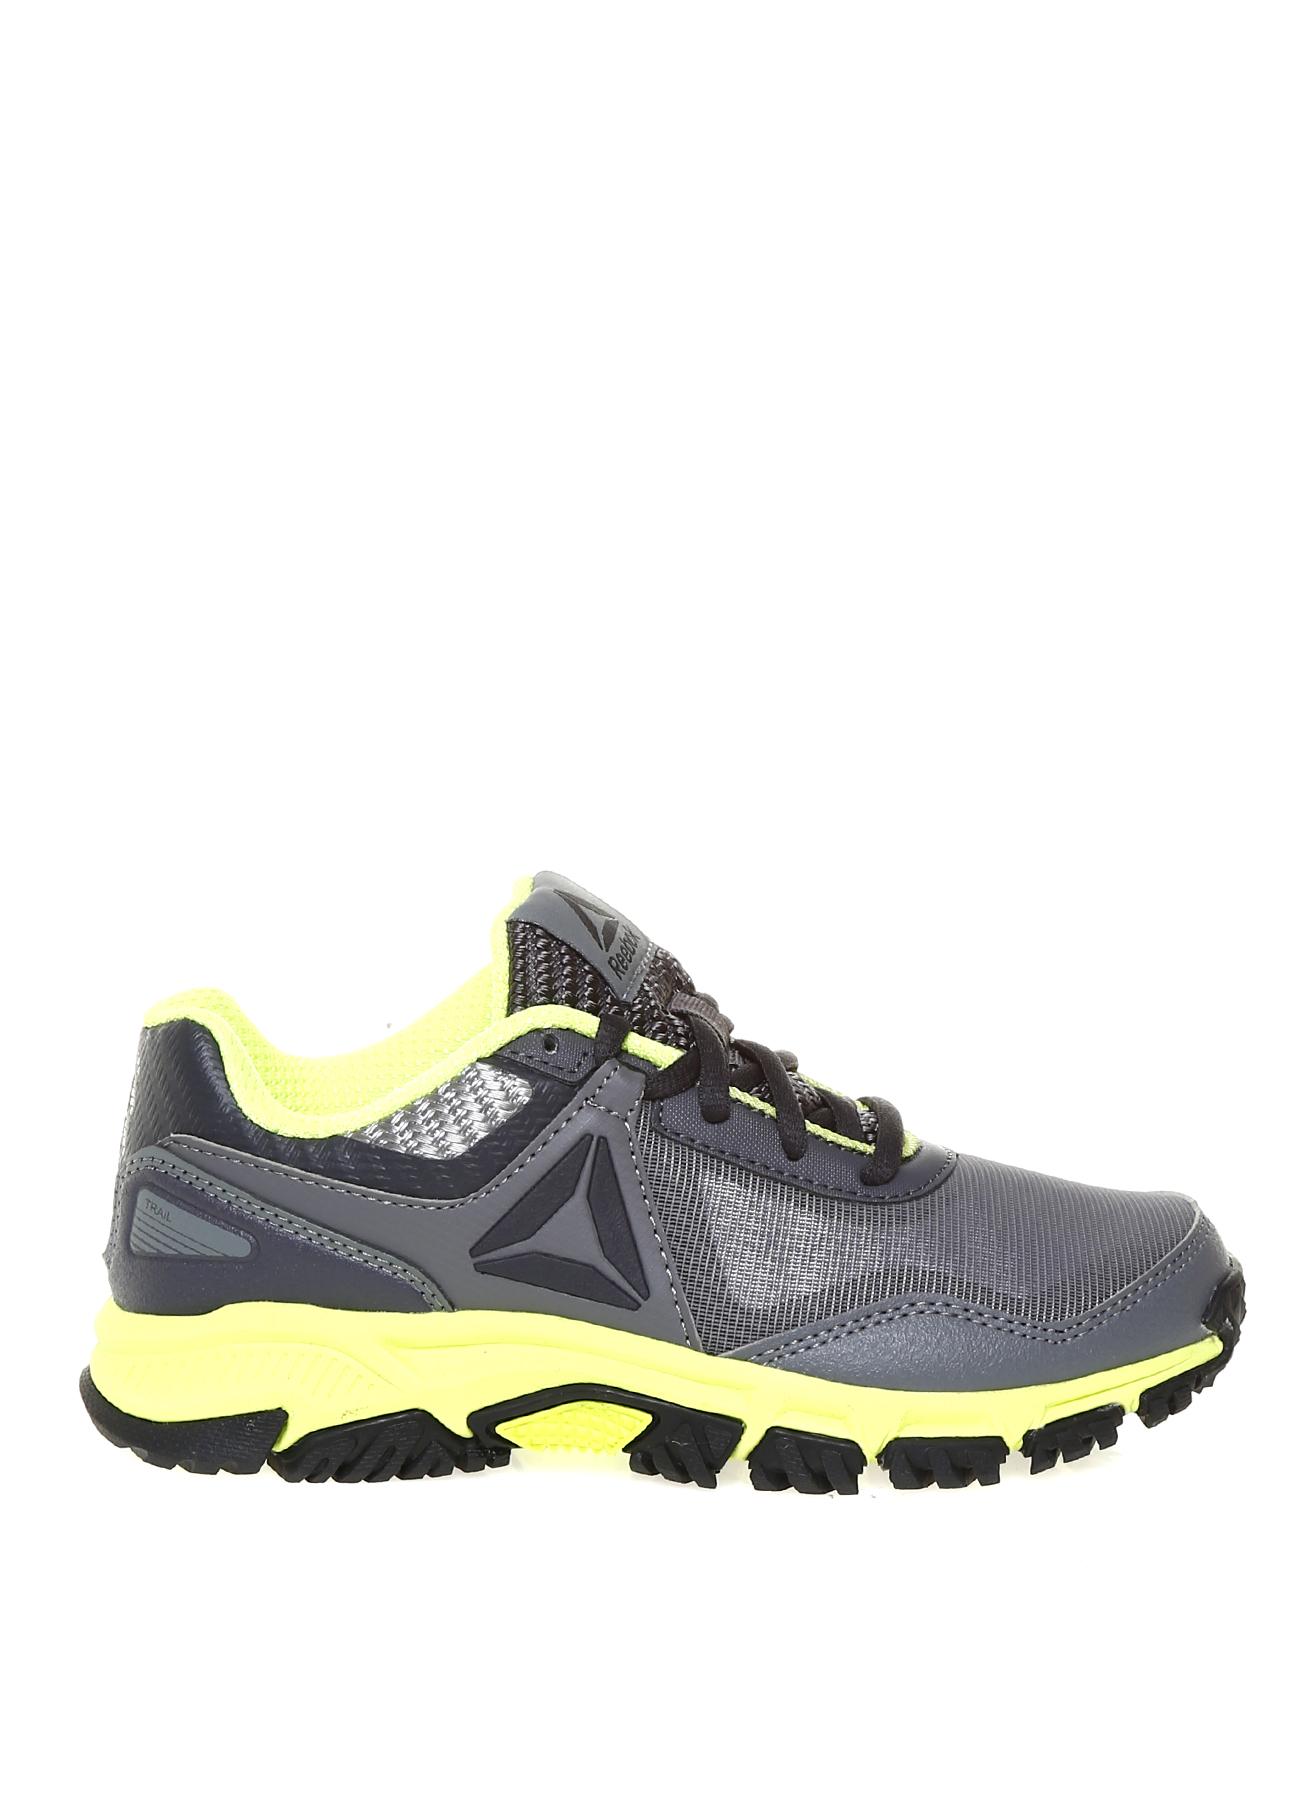 Reebok Koşu Ayakkabısı 34.5 5001700733005 Ürün Resmi